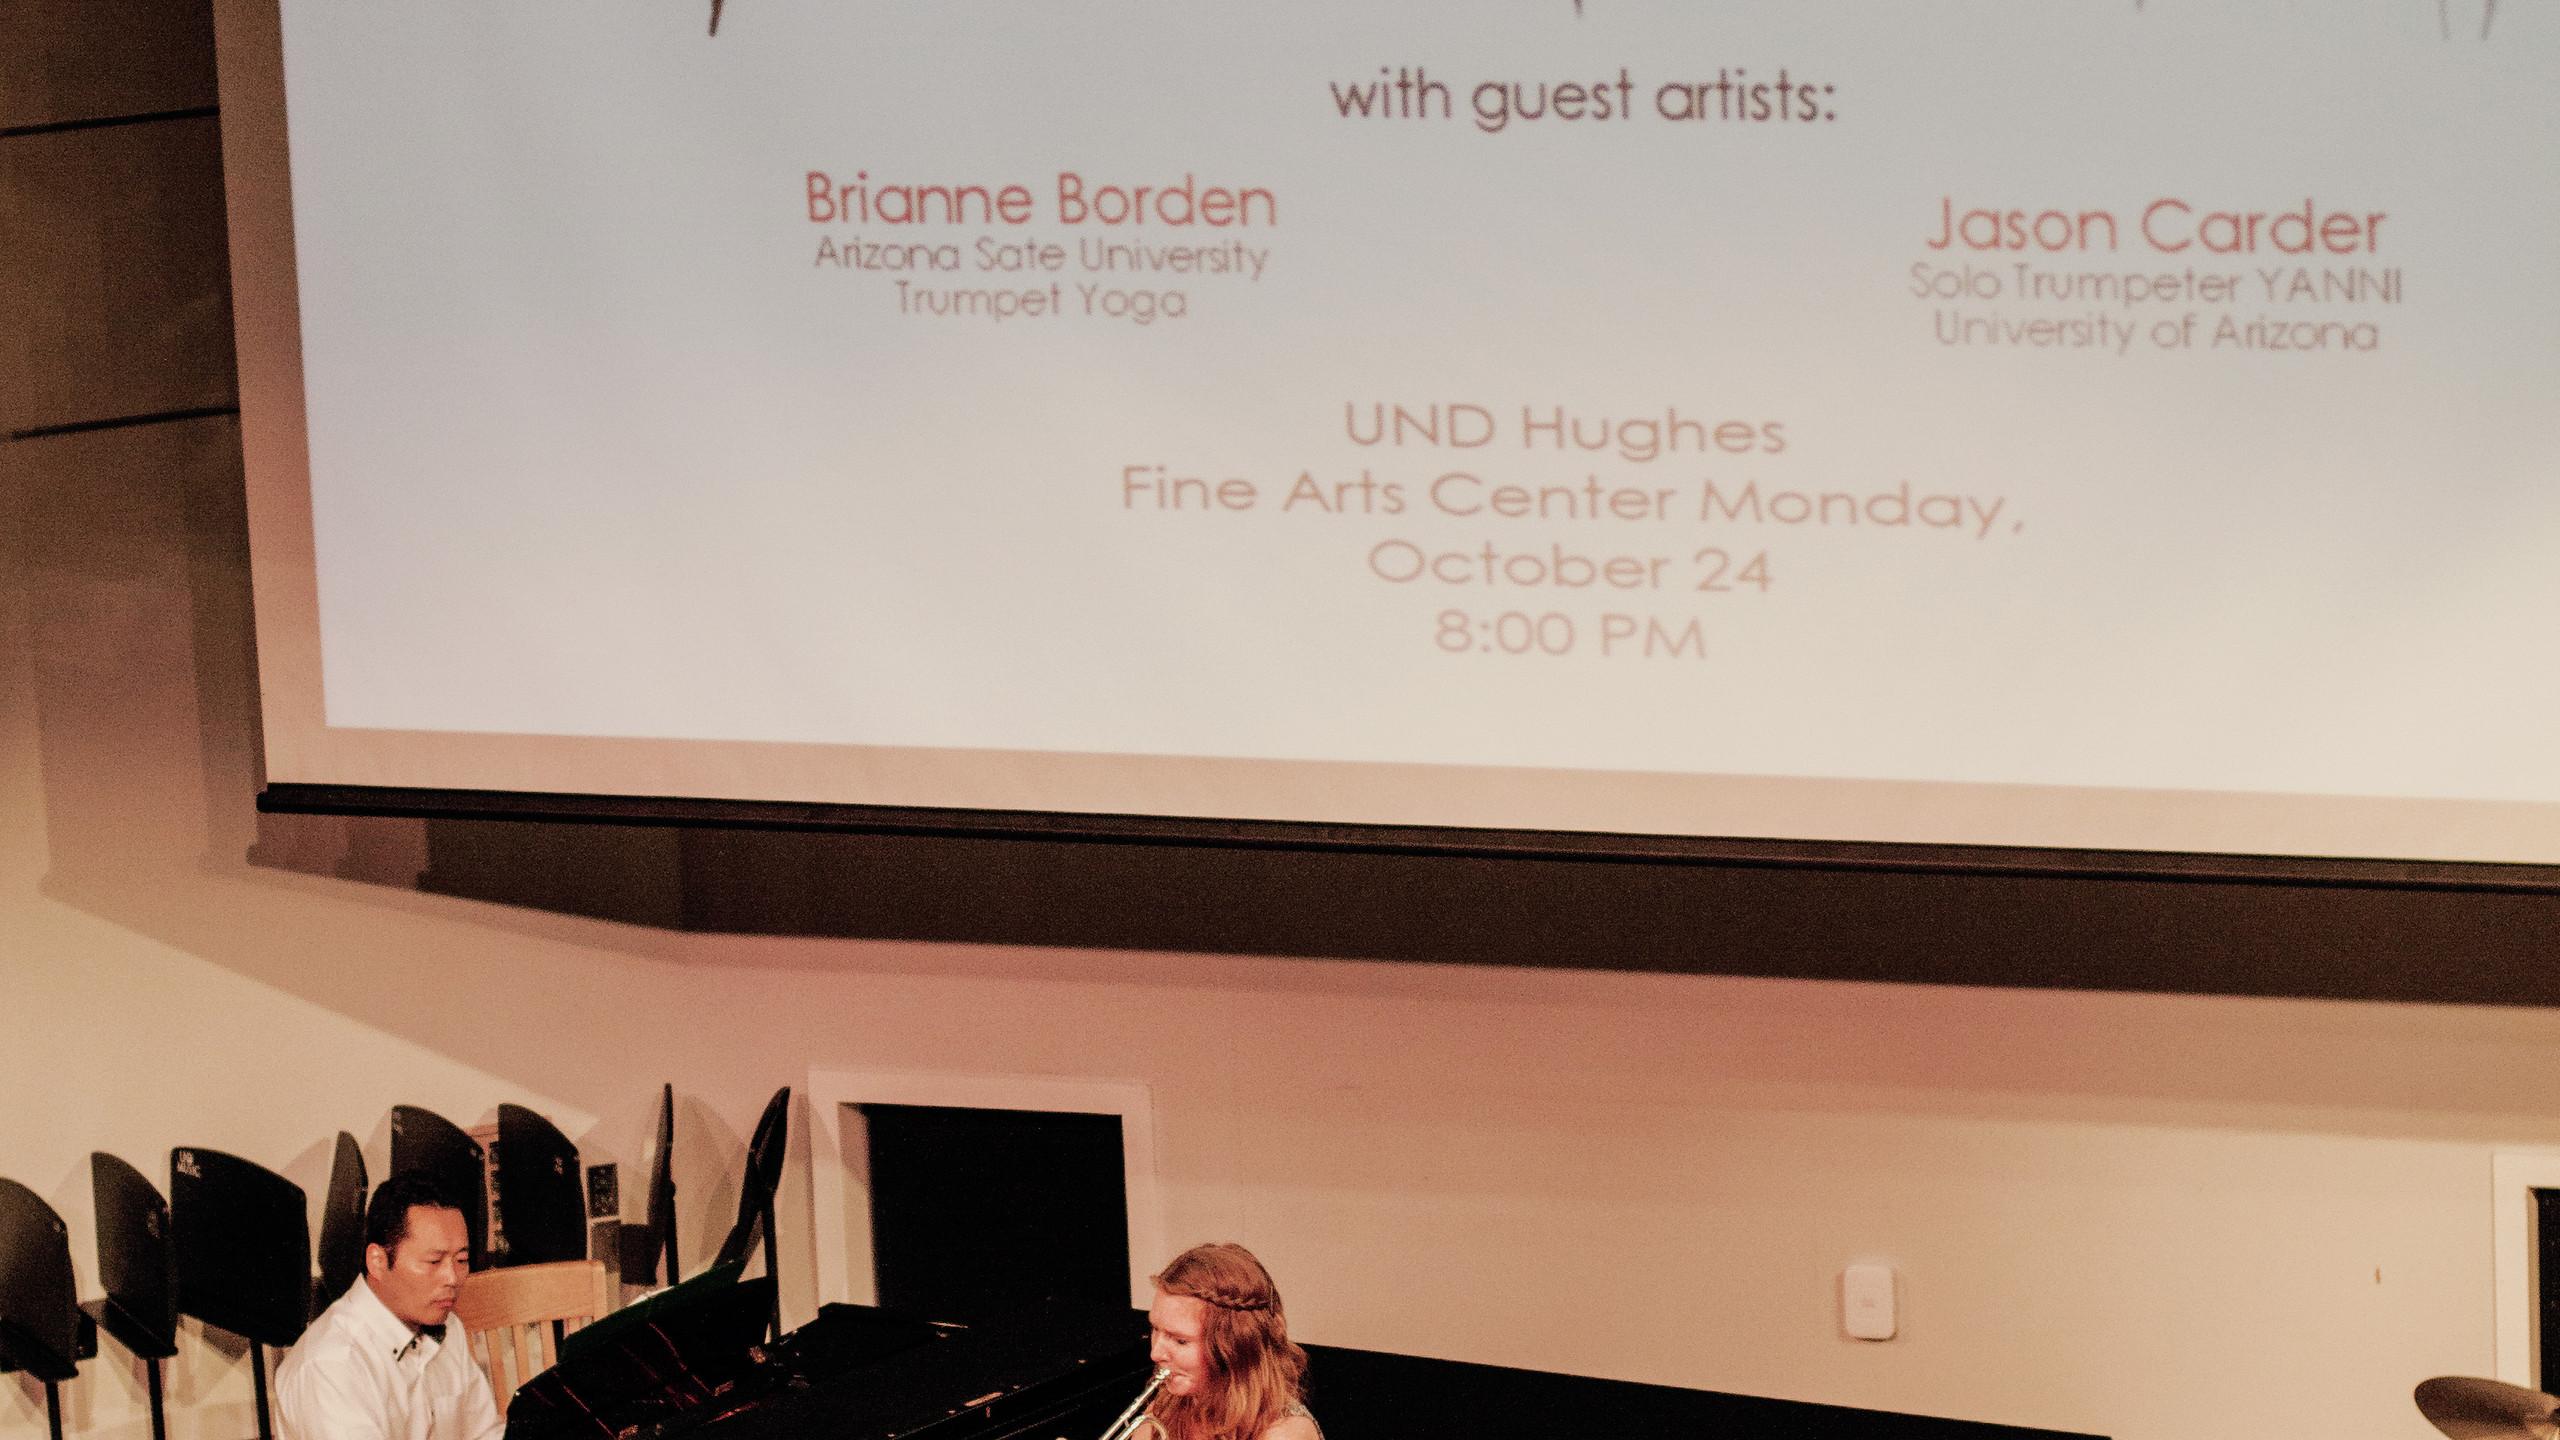 Brianne Borden Guest Artist